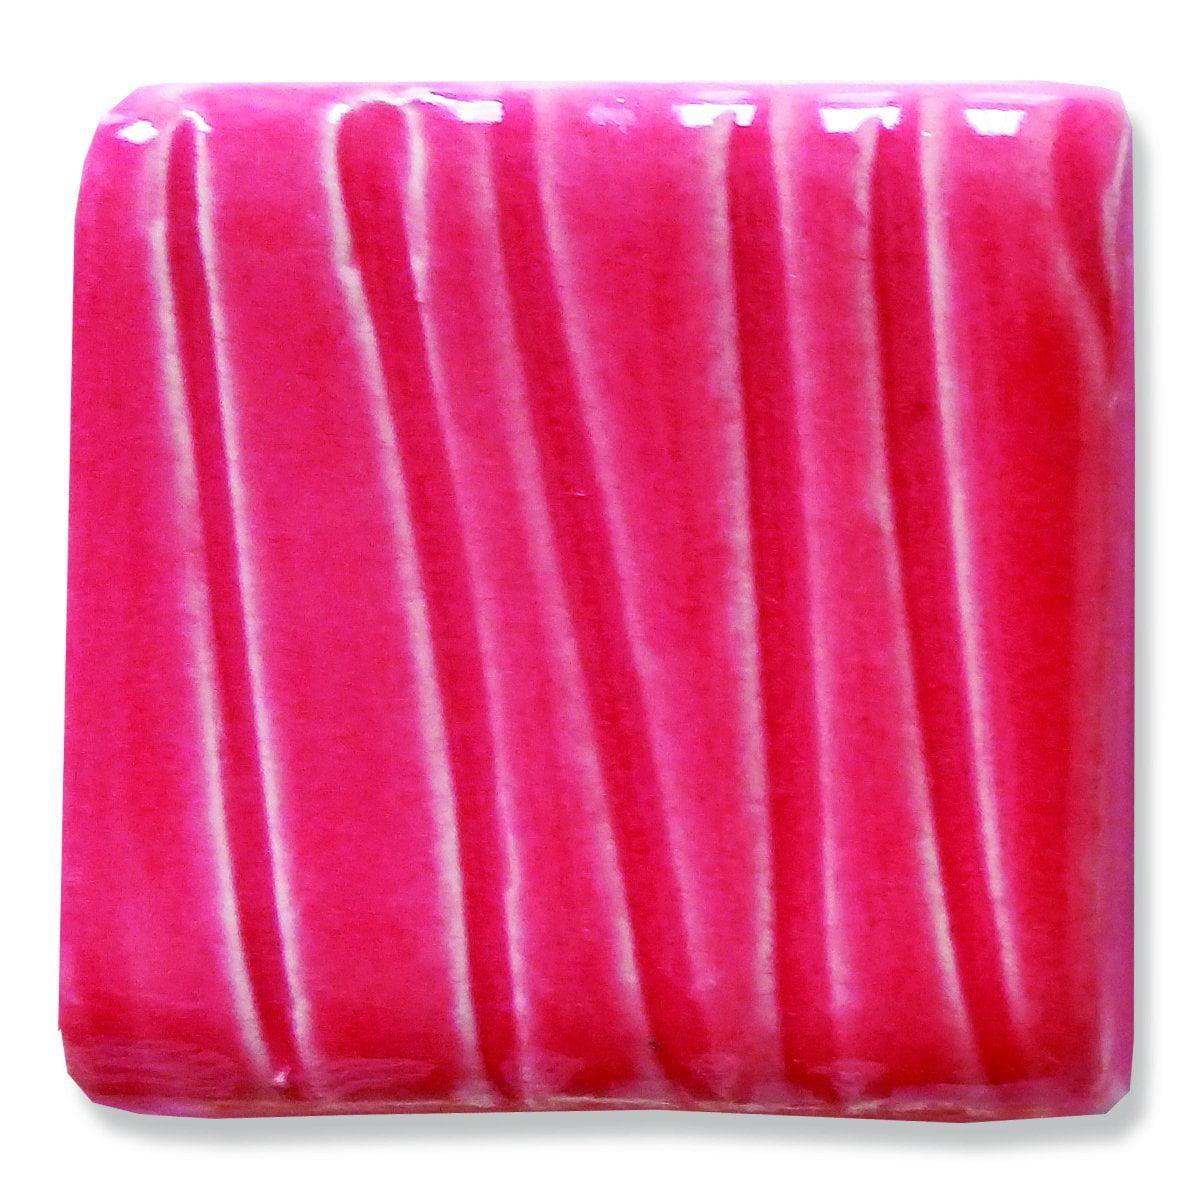 Speedball Art 16 oz. (pint) Earthenware Glaze--Pink